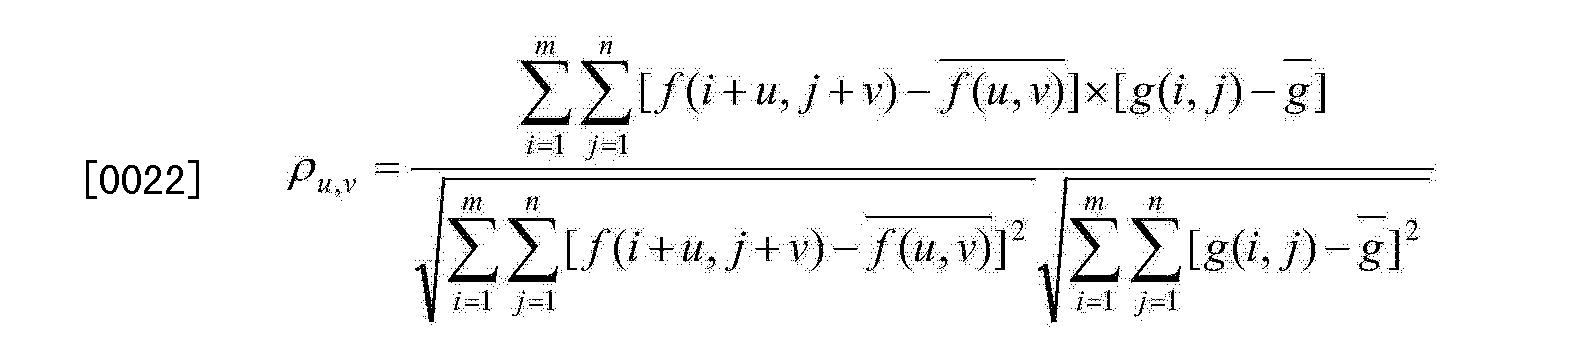 Figure CN102855759BD00071